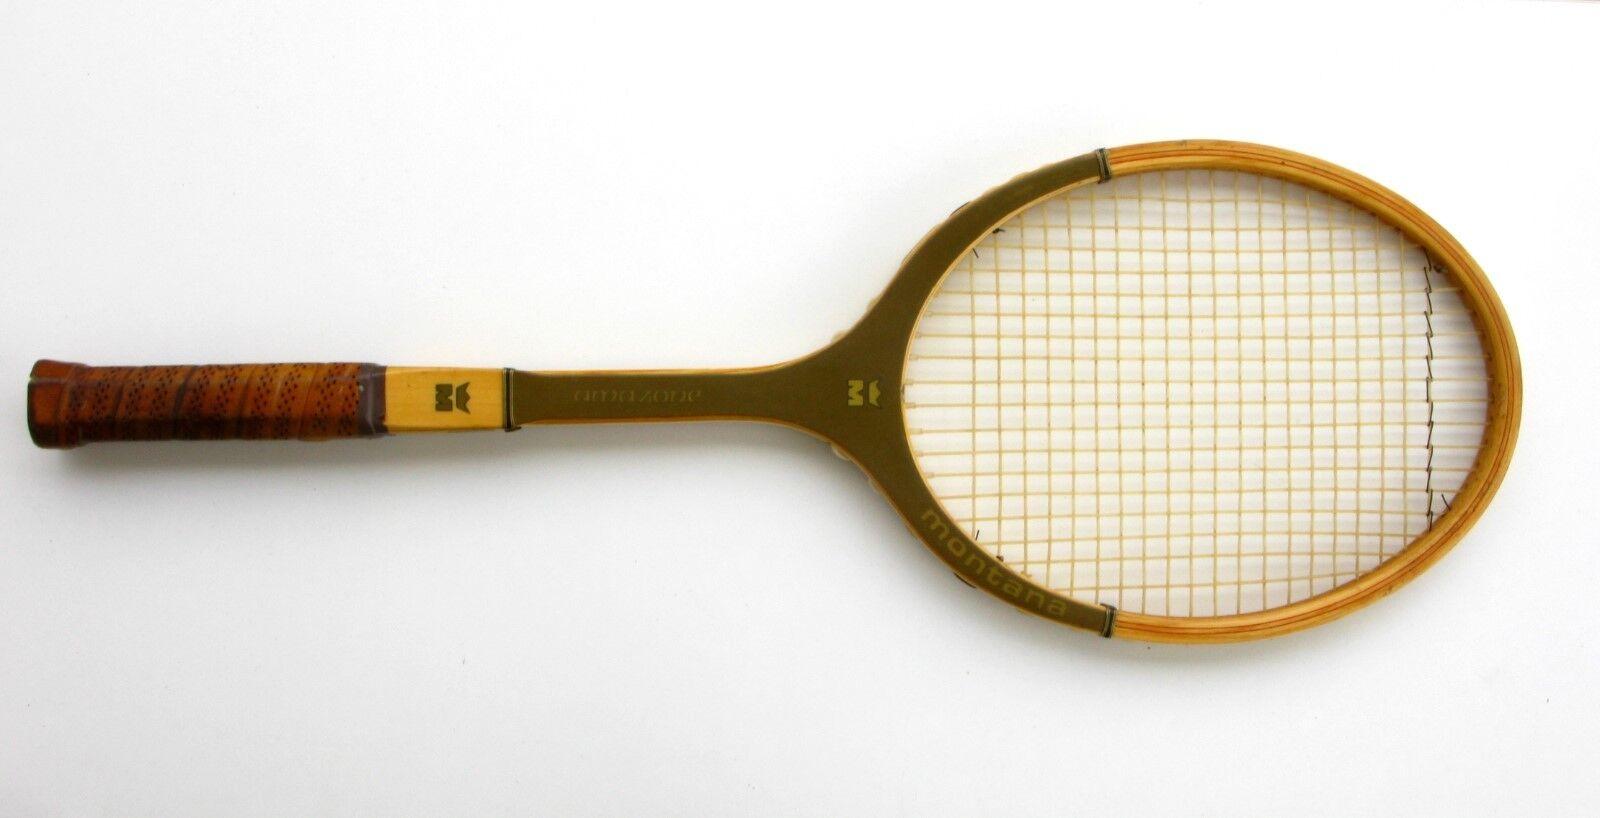 Ancienne raquette de tennis MONTANA - AMAZONE - MONTANA  Raquette bois - Vintage c70e15